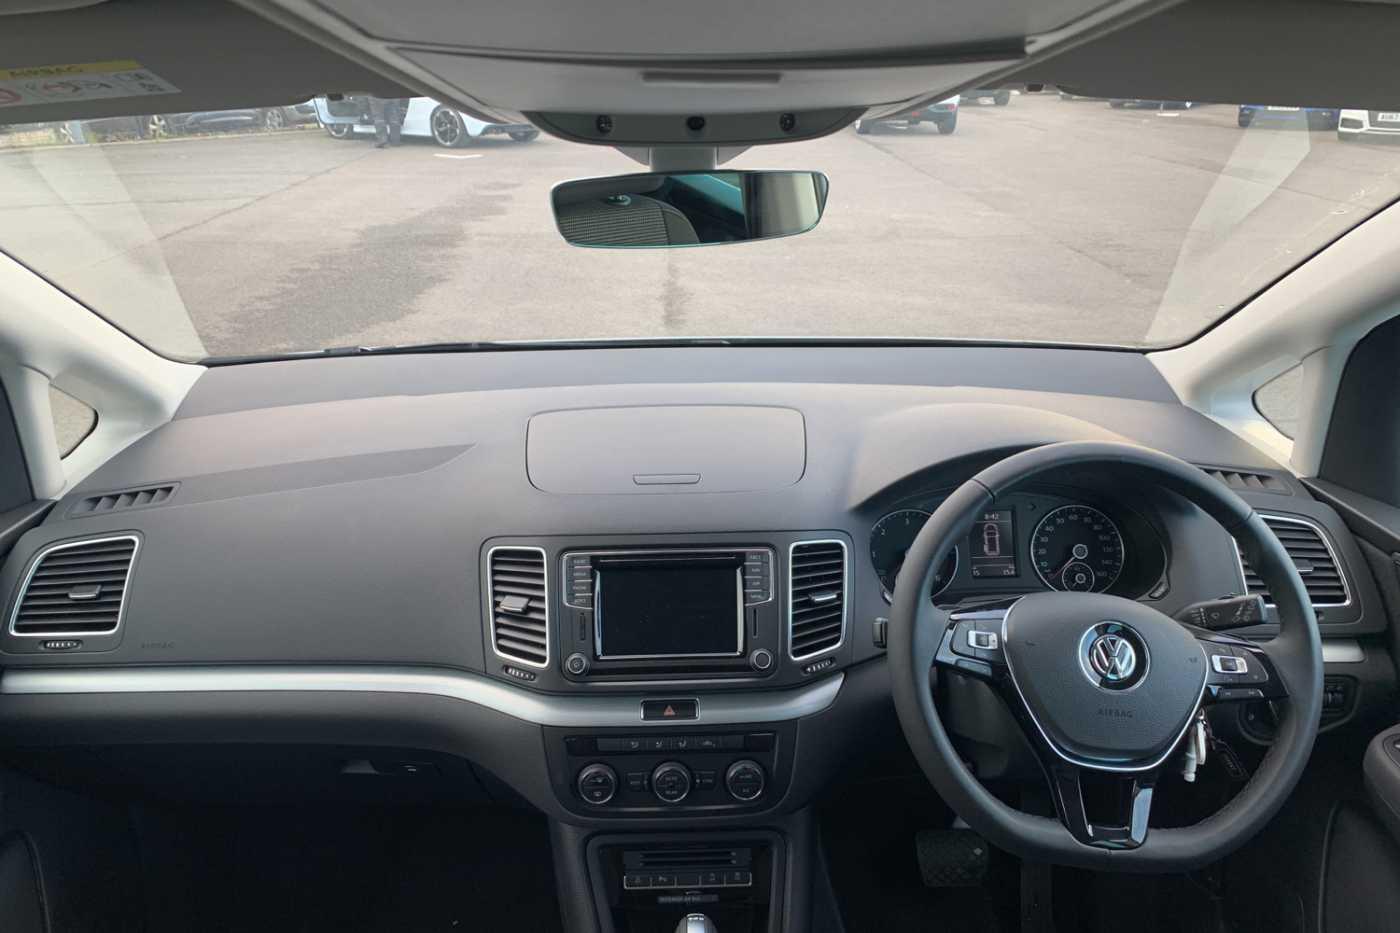 Volkswagen Sharan Images